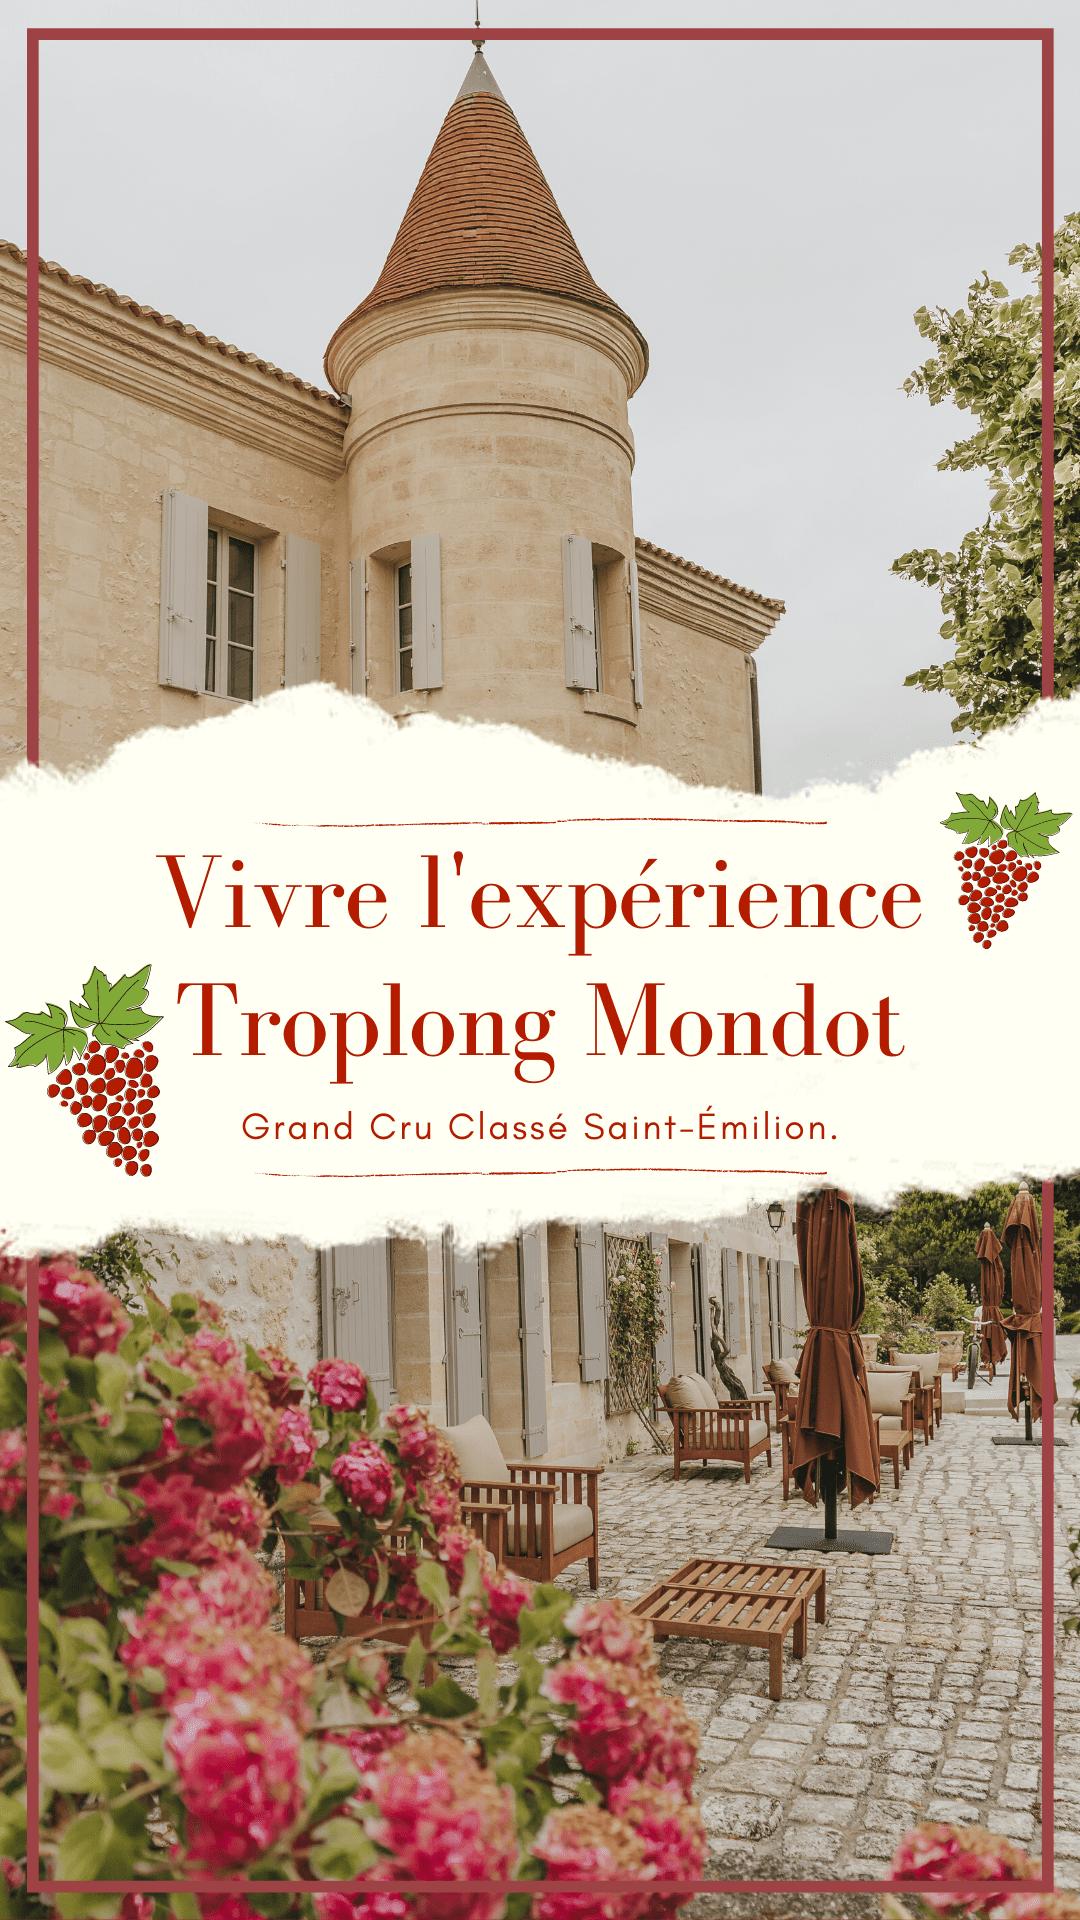 expérience troplong mondot, château, saint-émilion, grand cru classé, vignoble